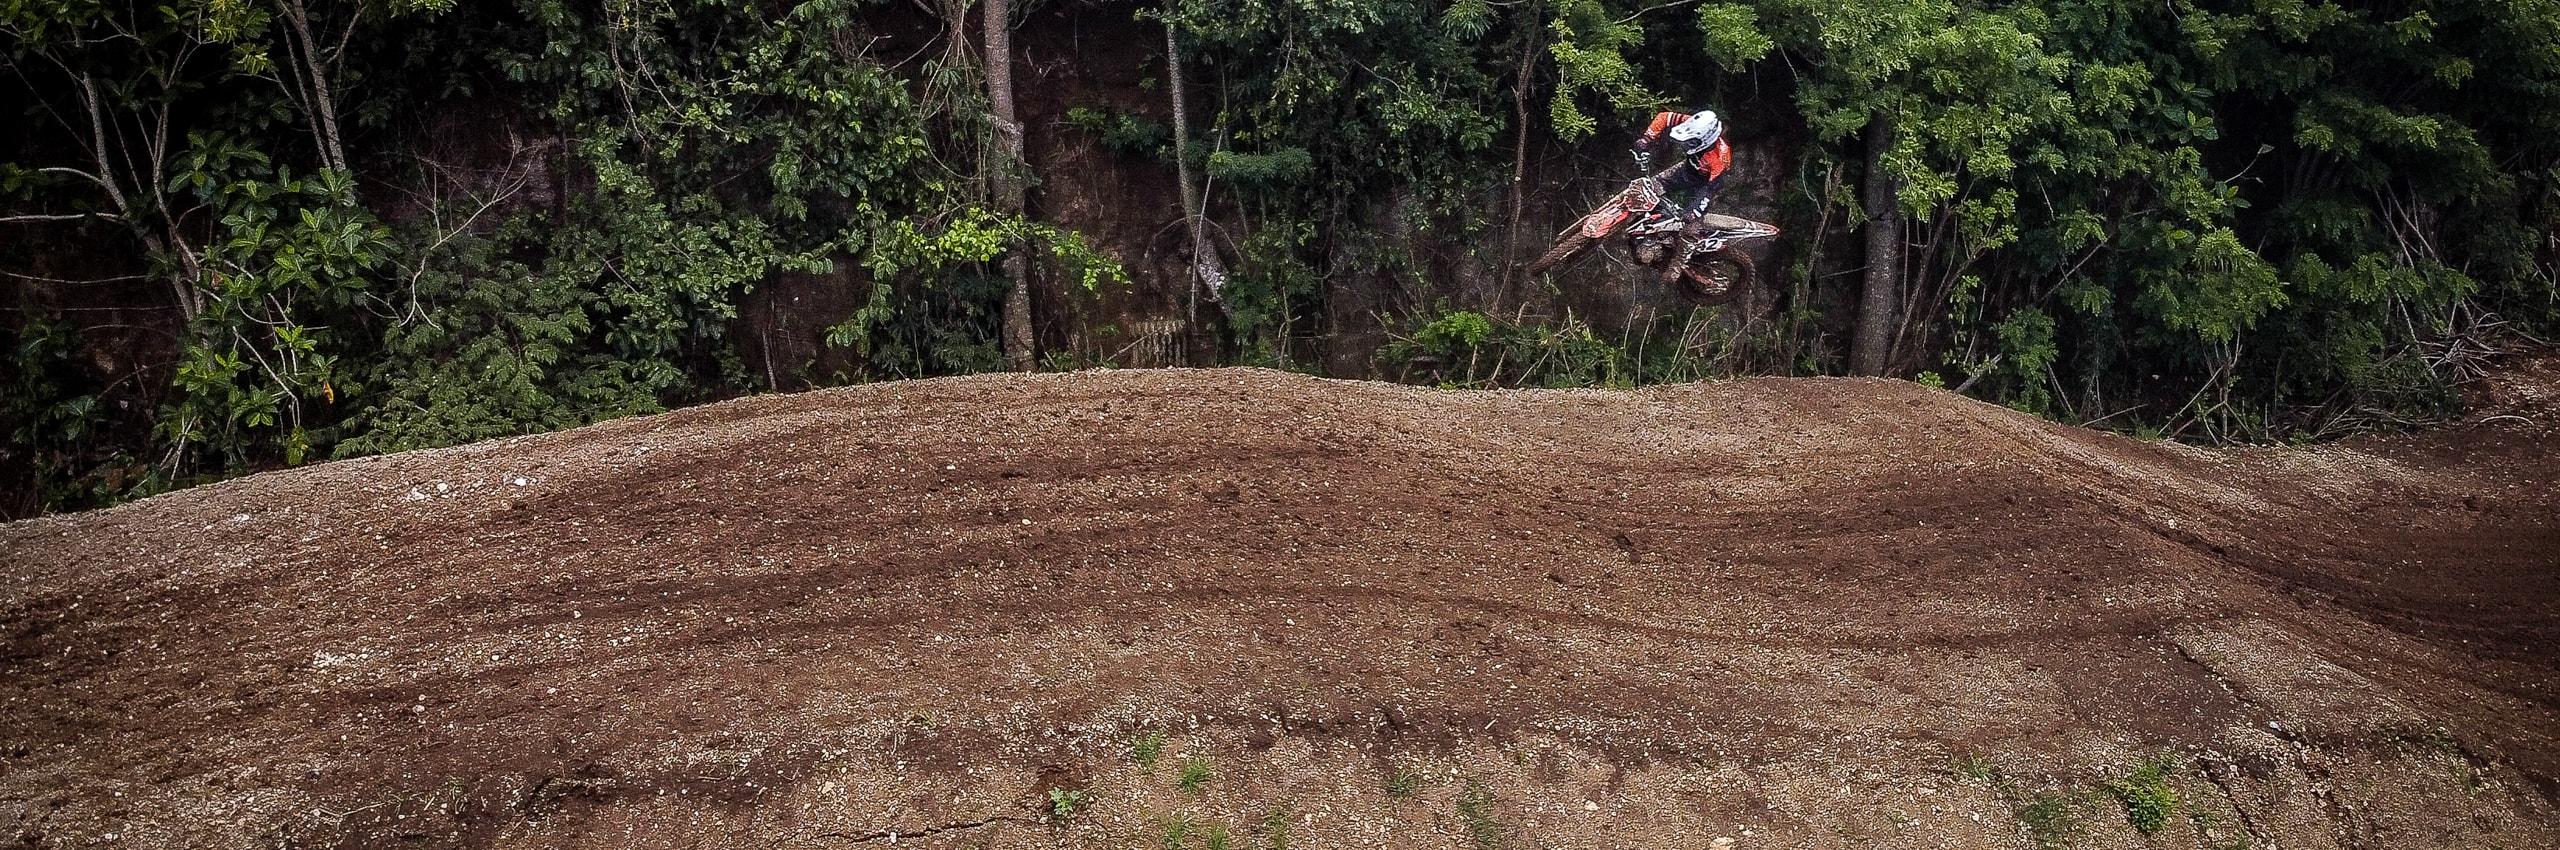 BDB_Motocross_Tracks_Sanur-Motocross-Track_Header_1